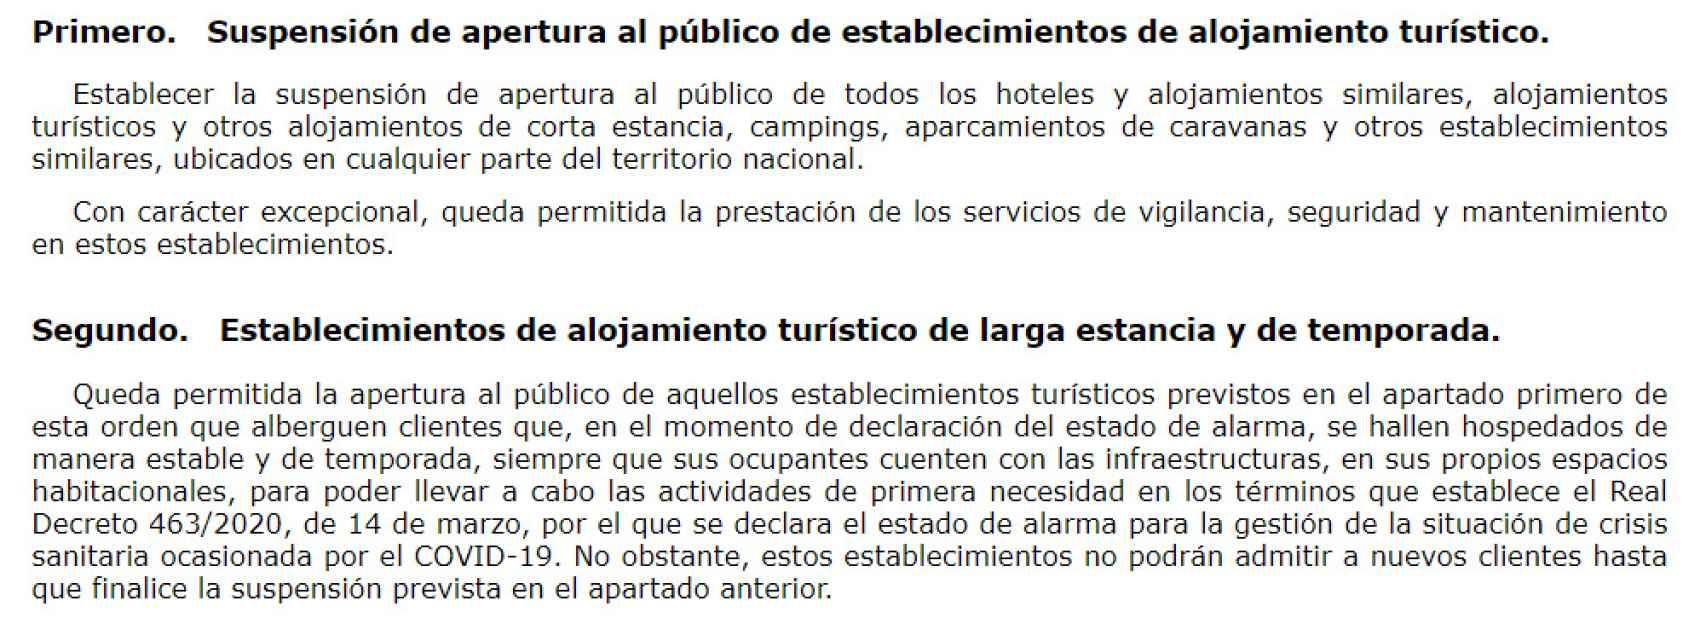 Captura de la Orden Ministerial para el cierre de hoteles.